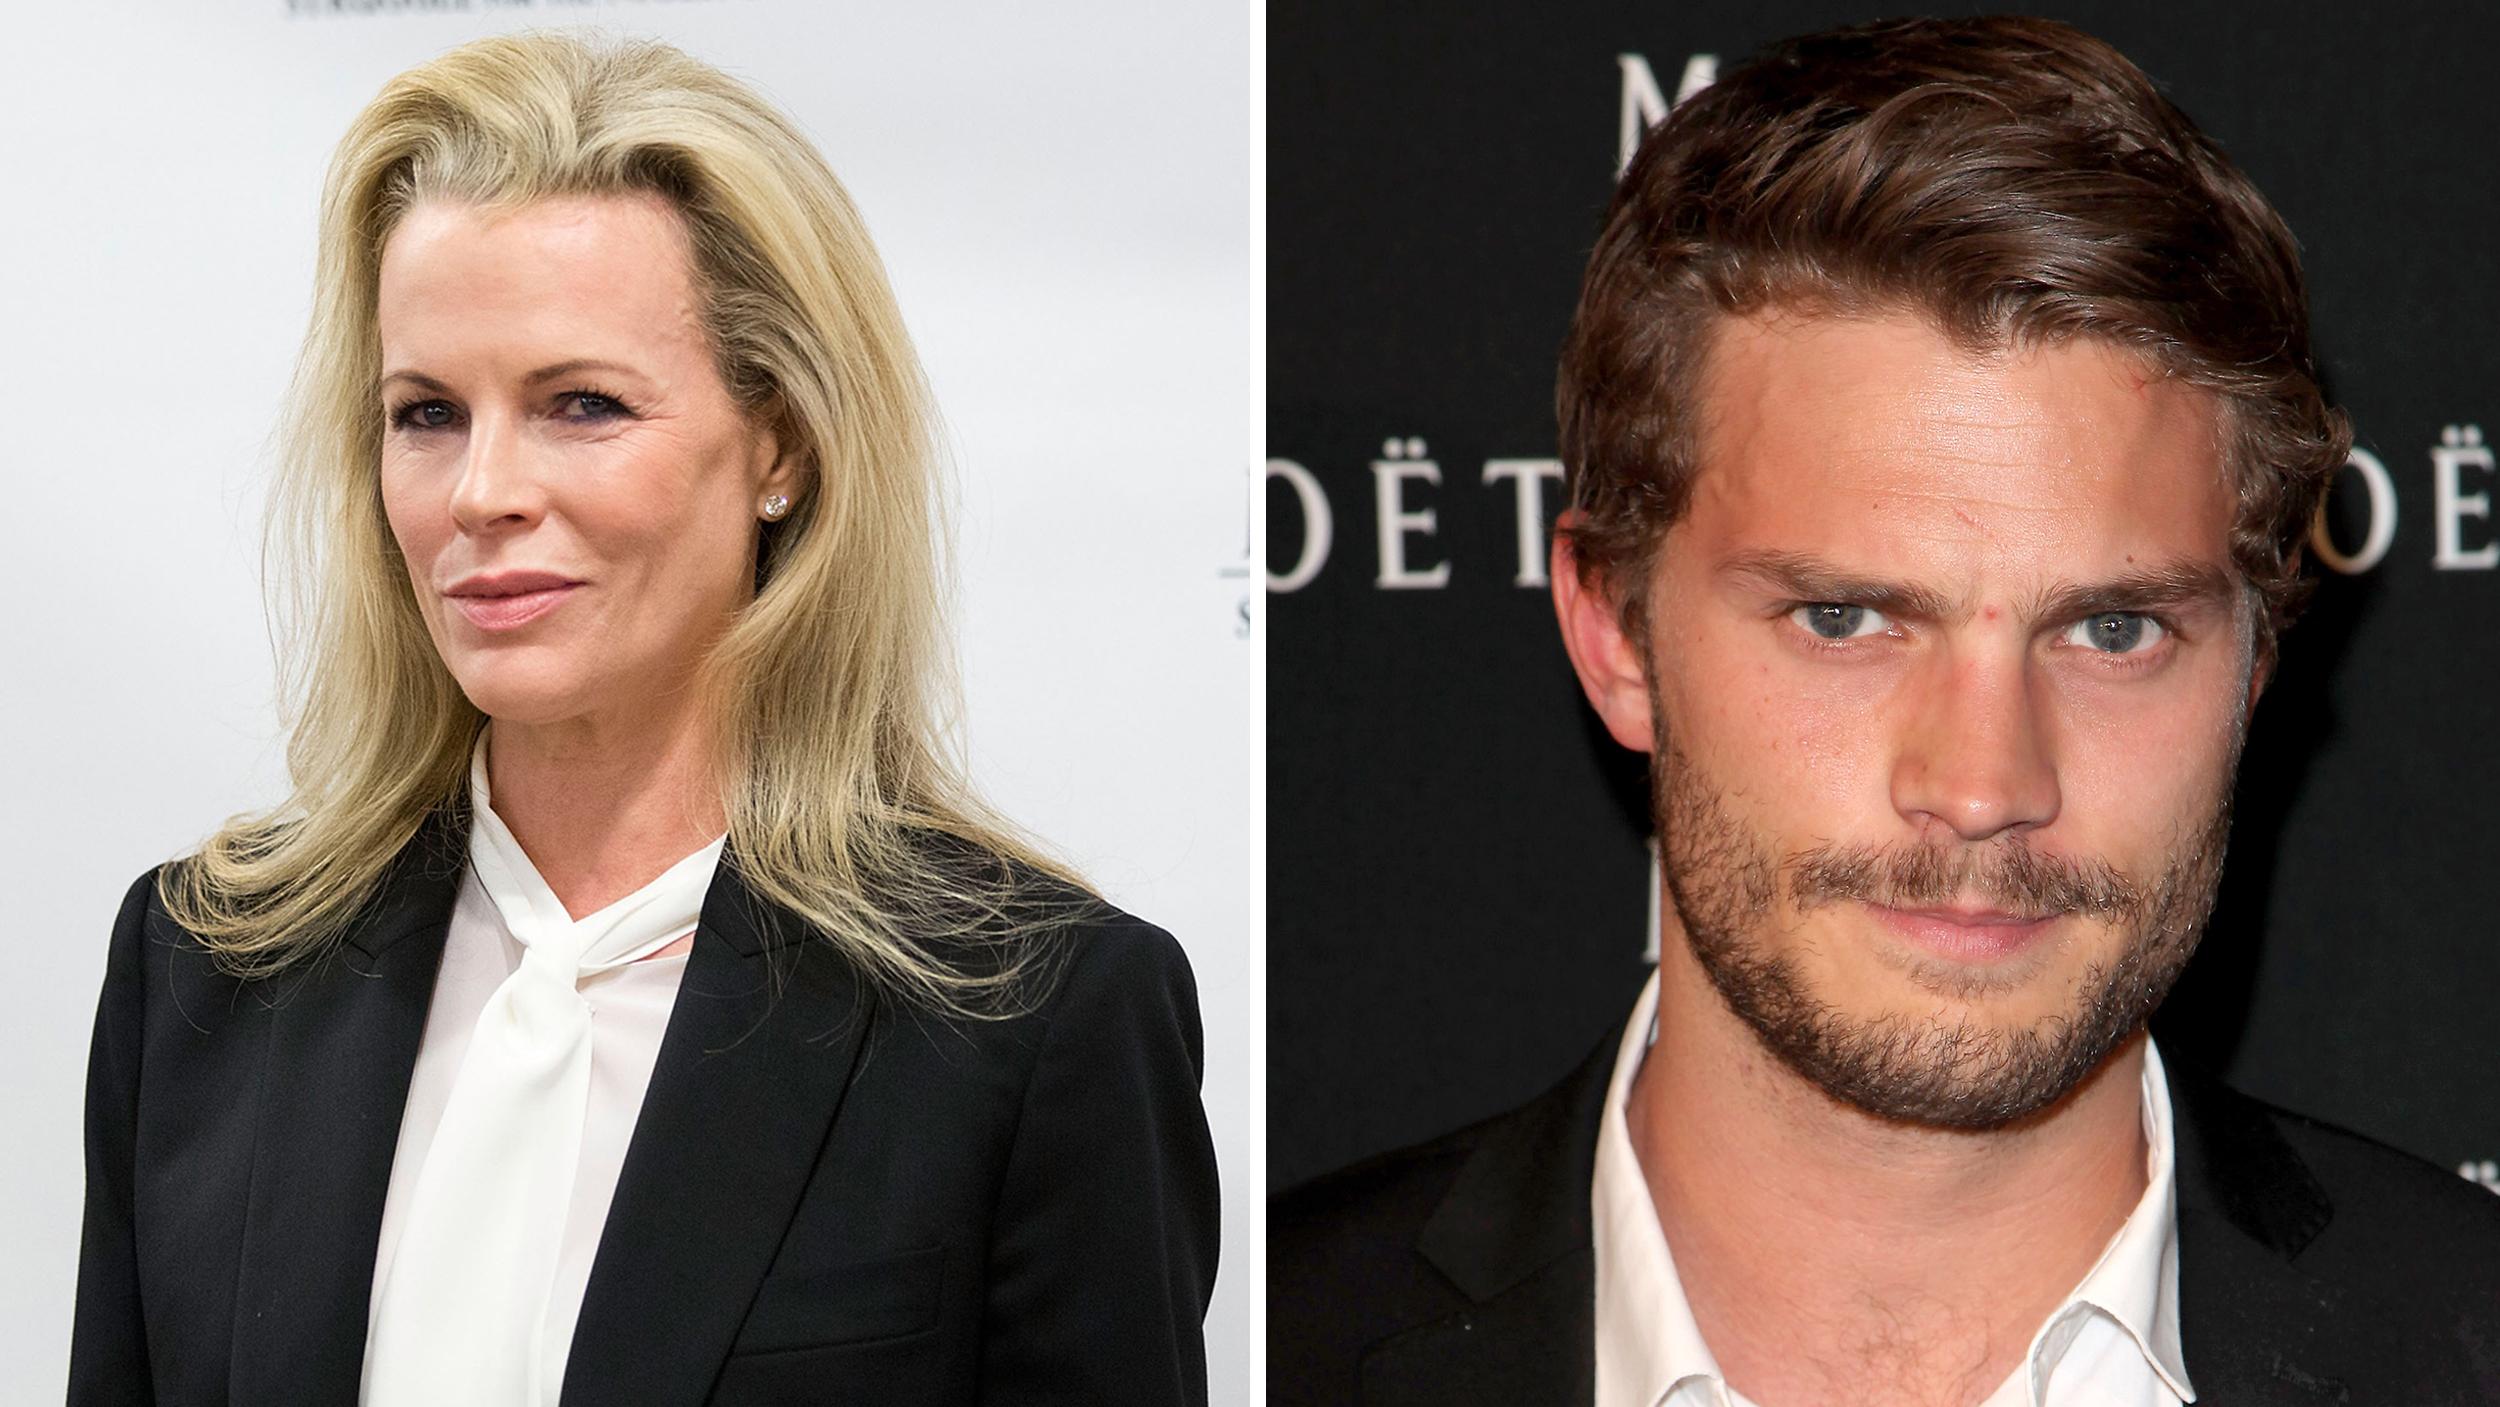 Kim Basinger Set To Get Fifty Shades Darker In Movie Sequel